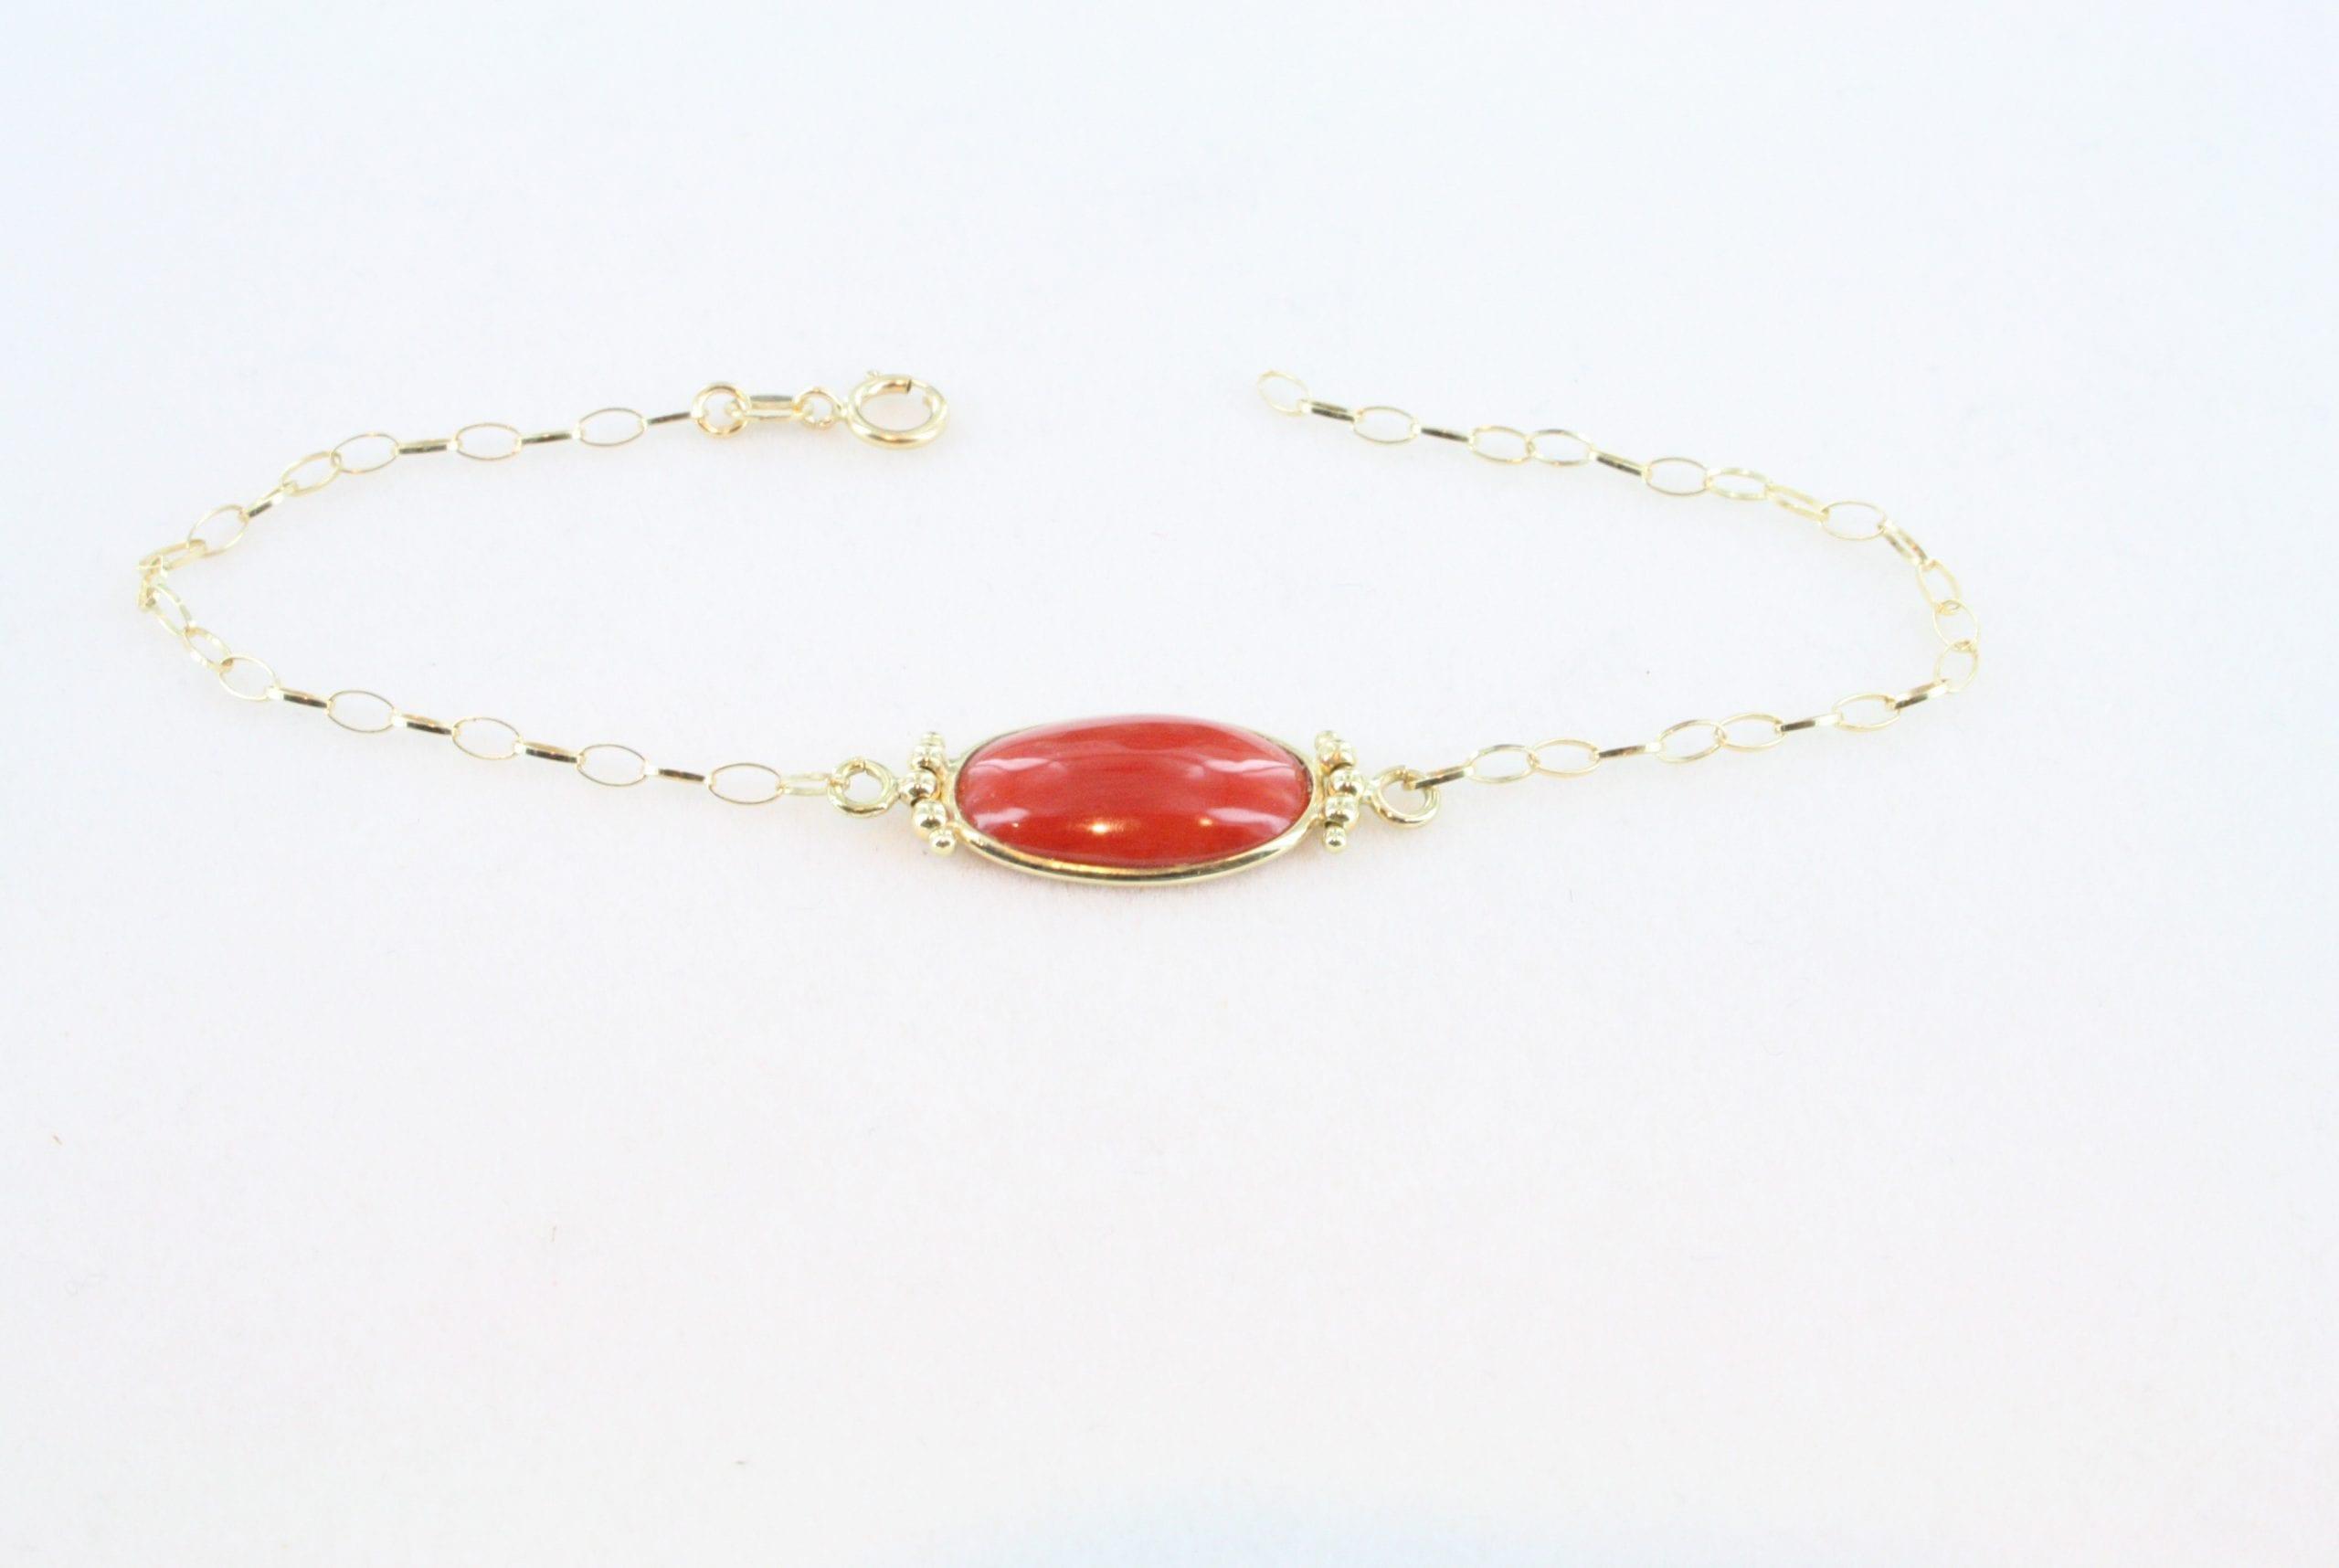 Collier en corail rouge de premier et or CO-CO-OR-021